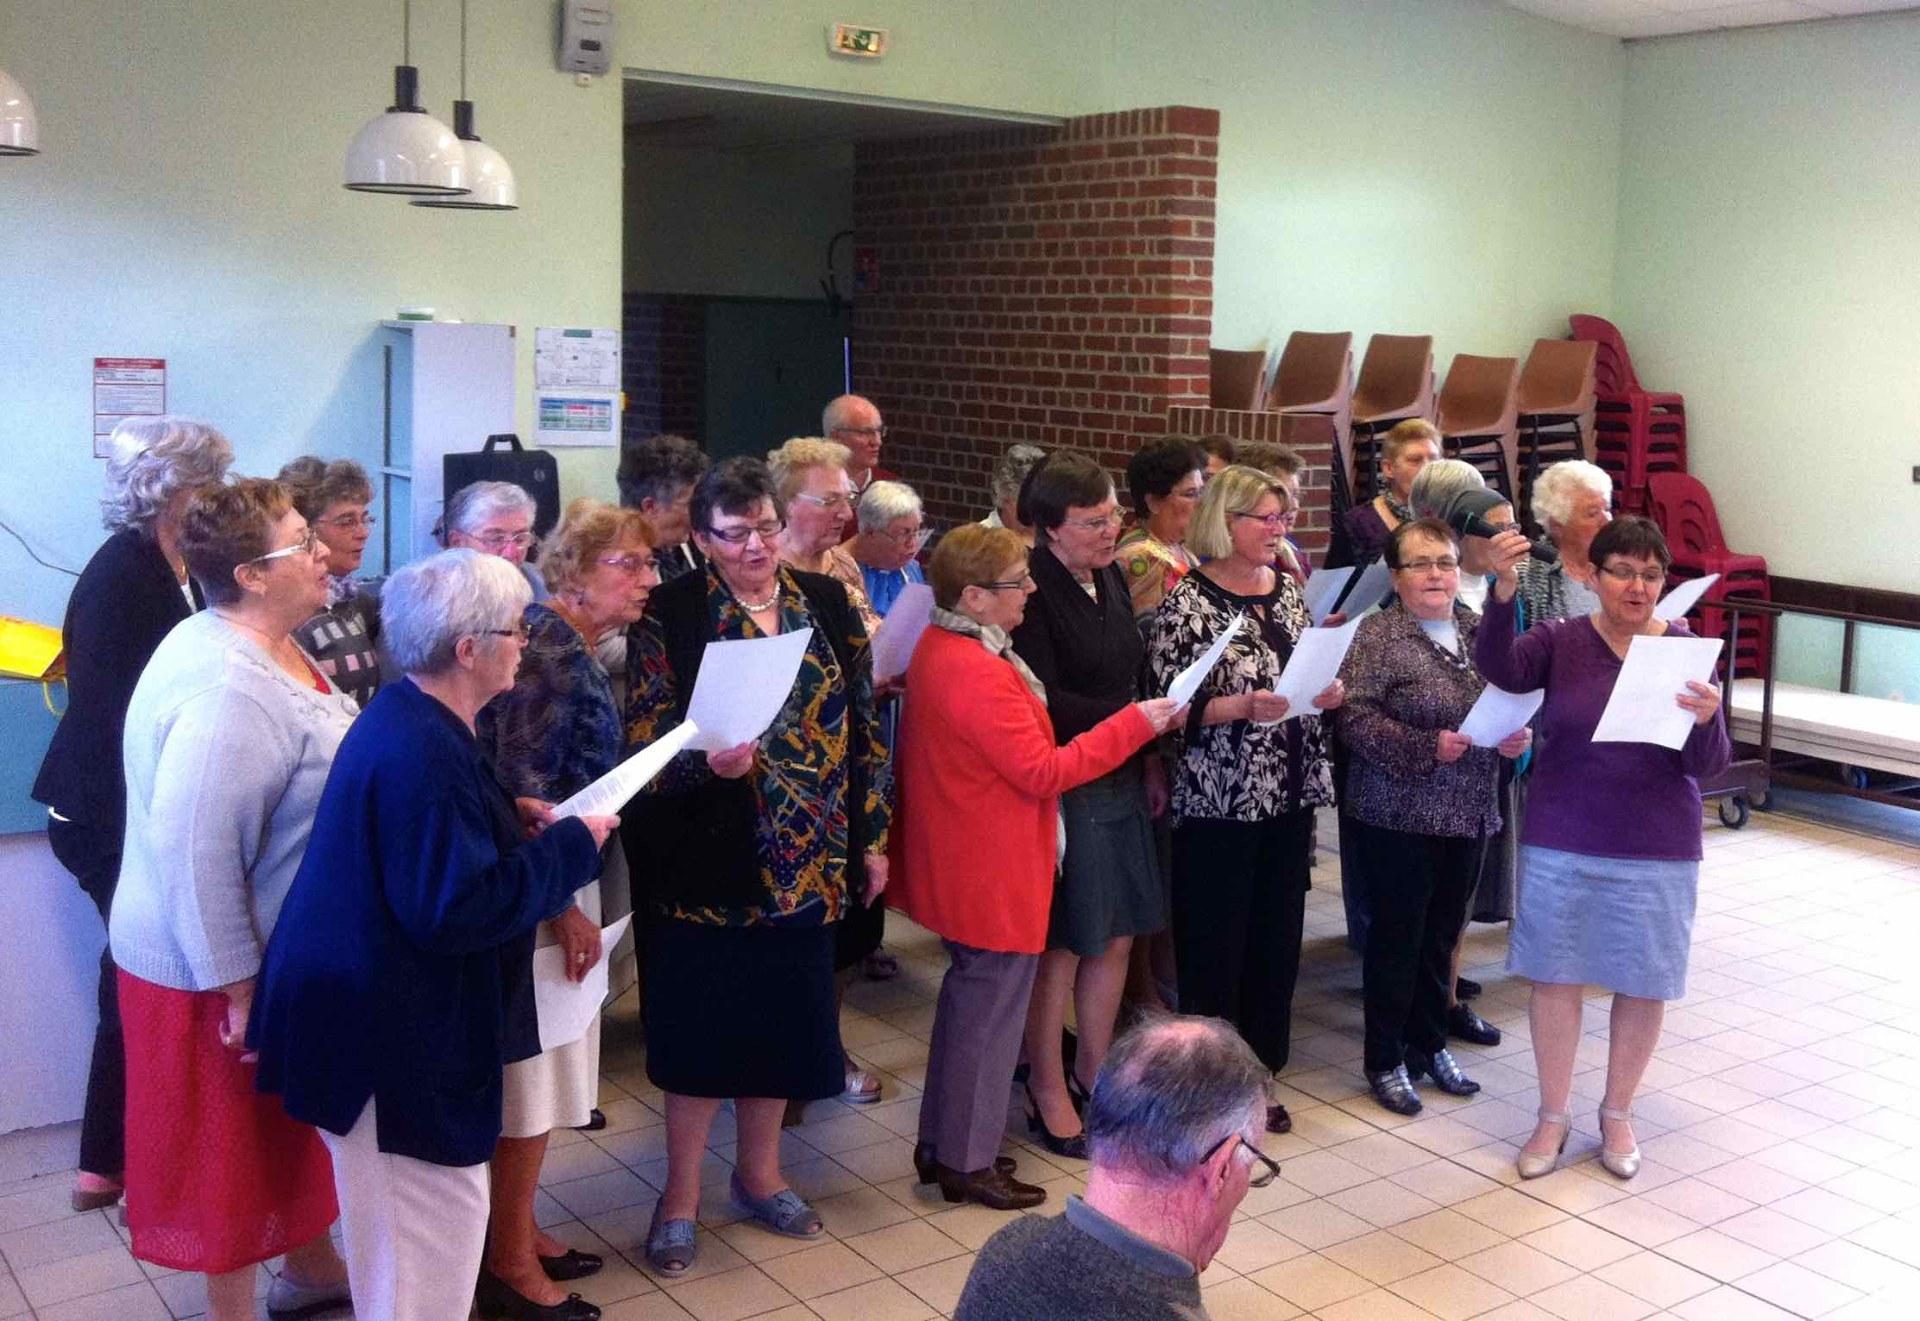 Les chorales réunies offrent un meddley de refrains religieux et profane.